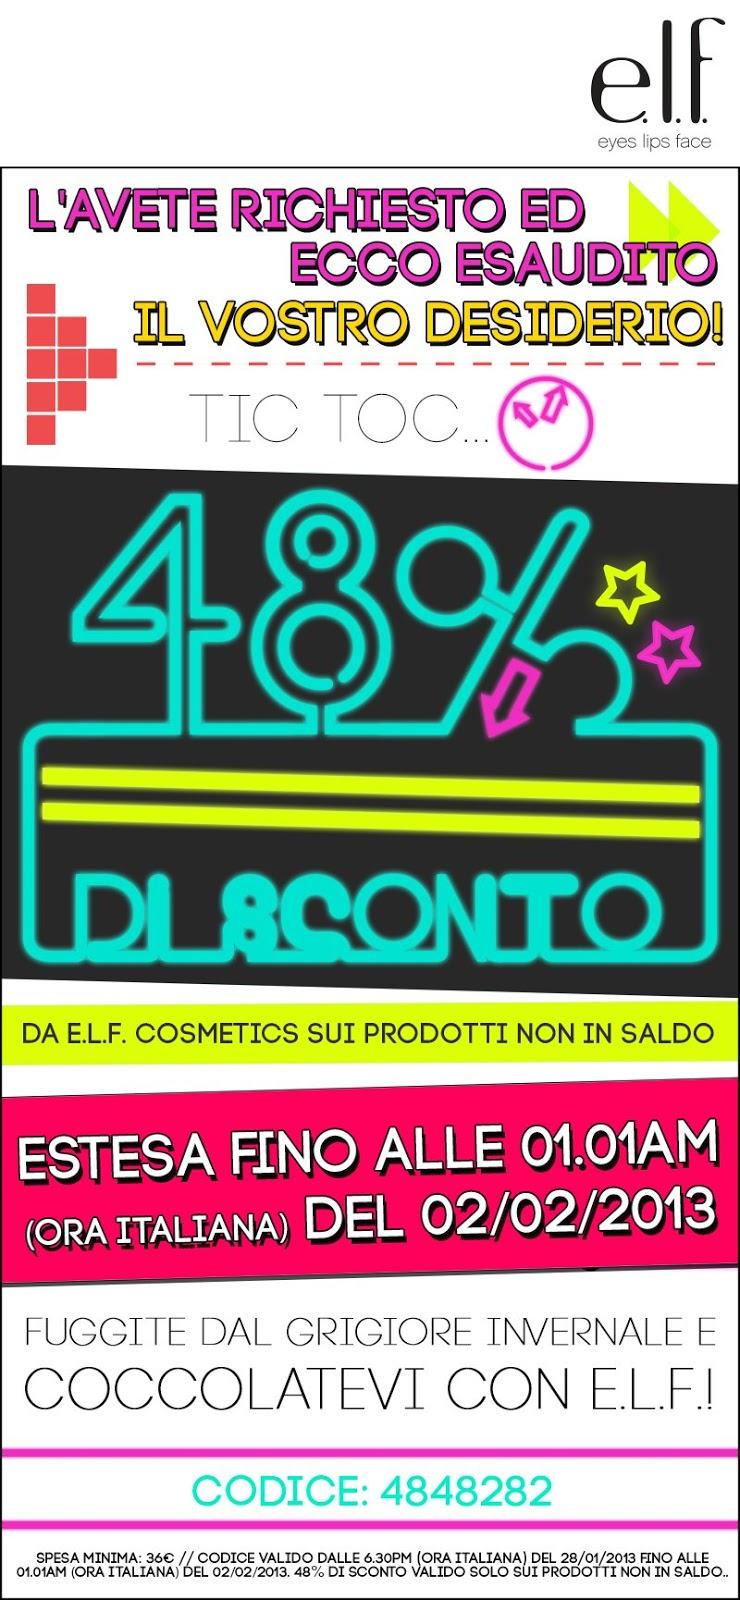 E.L.F. - Sconti 48% su tutti i prodotti non in saldo fino al 02/02/2013